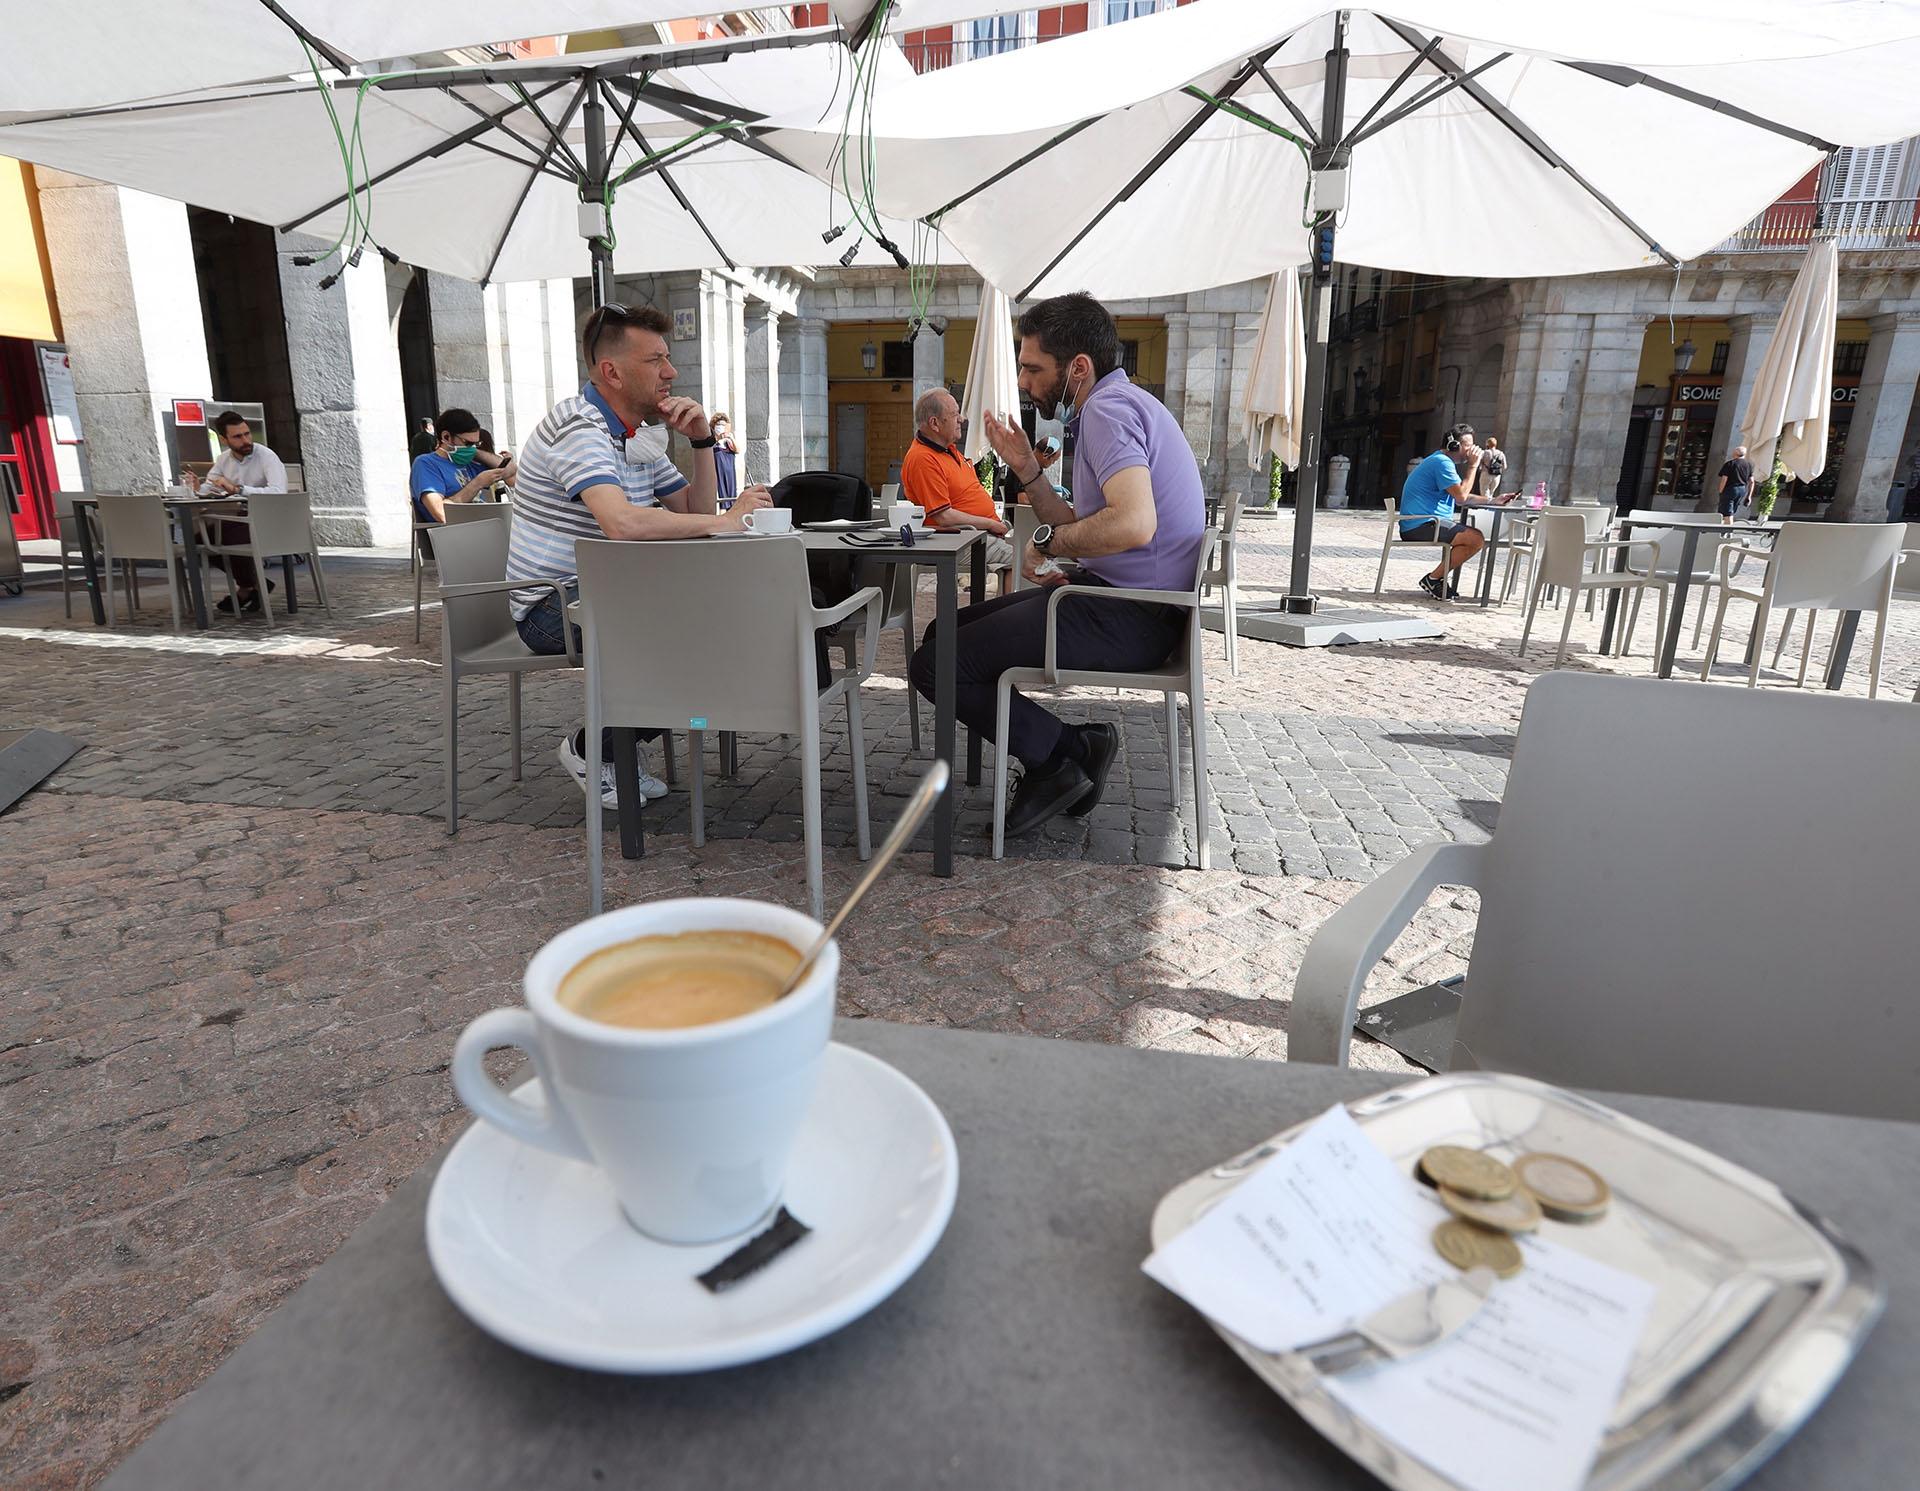 Varias personas disfrutan de la terraza de un bar de la Plaza Mayor en Madrid este lunes, donde comienza la fase 1 en la que la reapertura de las terrazas de los bares a un 50 % de su aforo y el acceso a los grandes parques son dos las principales novedades de esta nueva etapa. (EFE/Kiko Huesca)